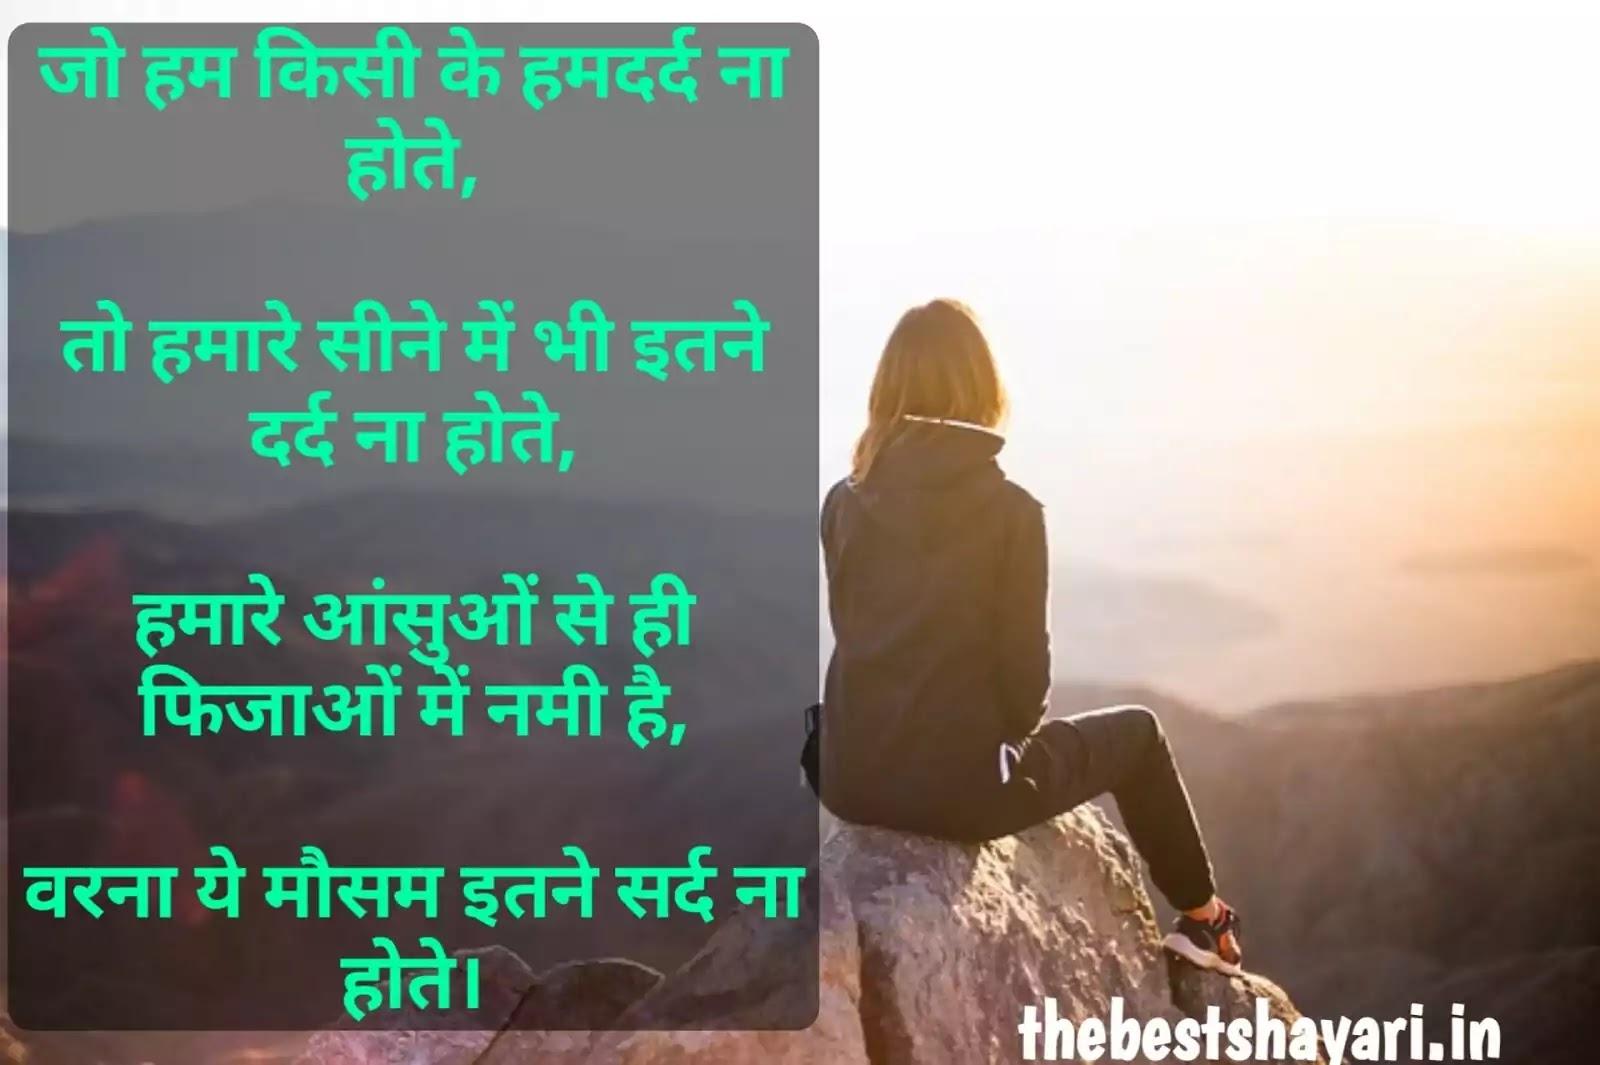 Dard shayari in Hindi for love